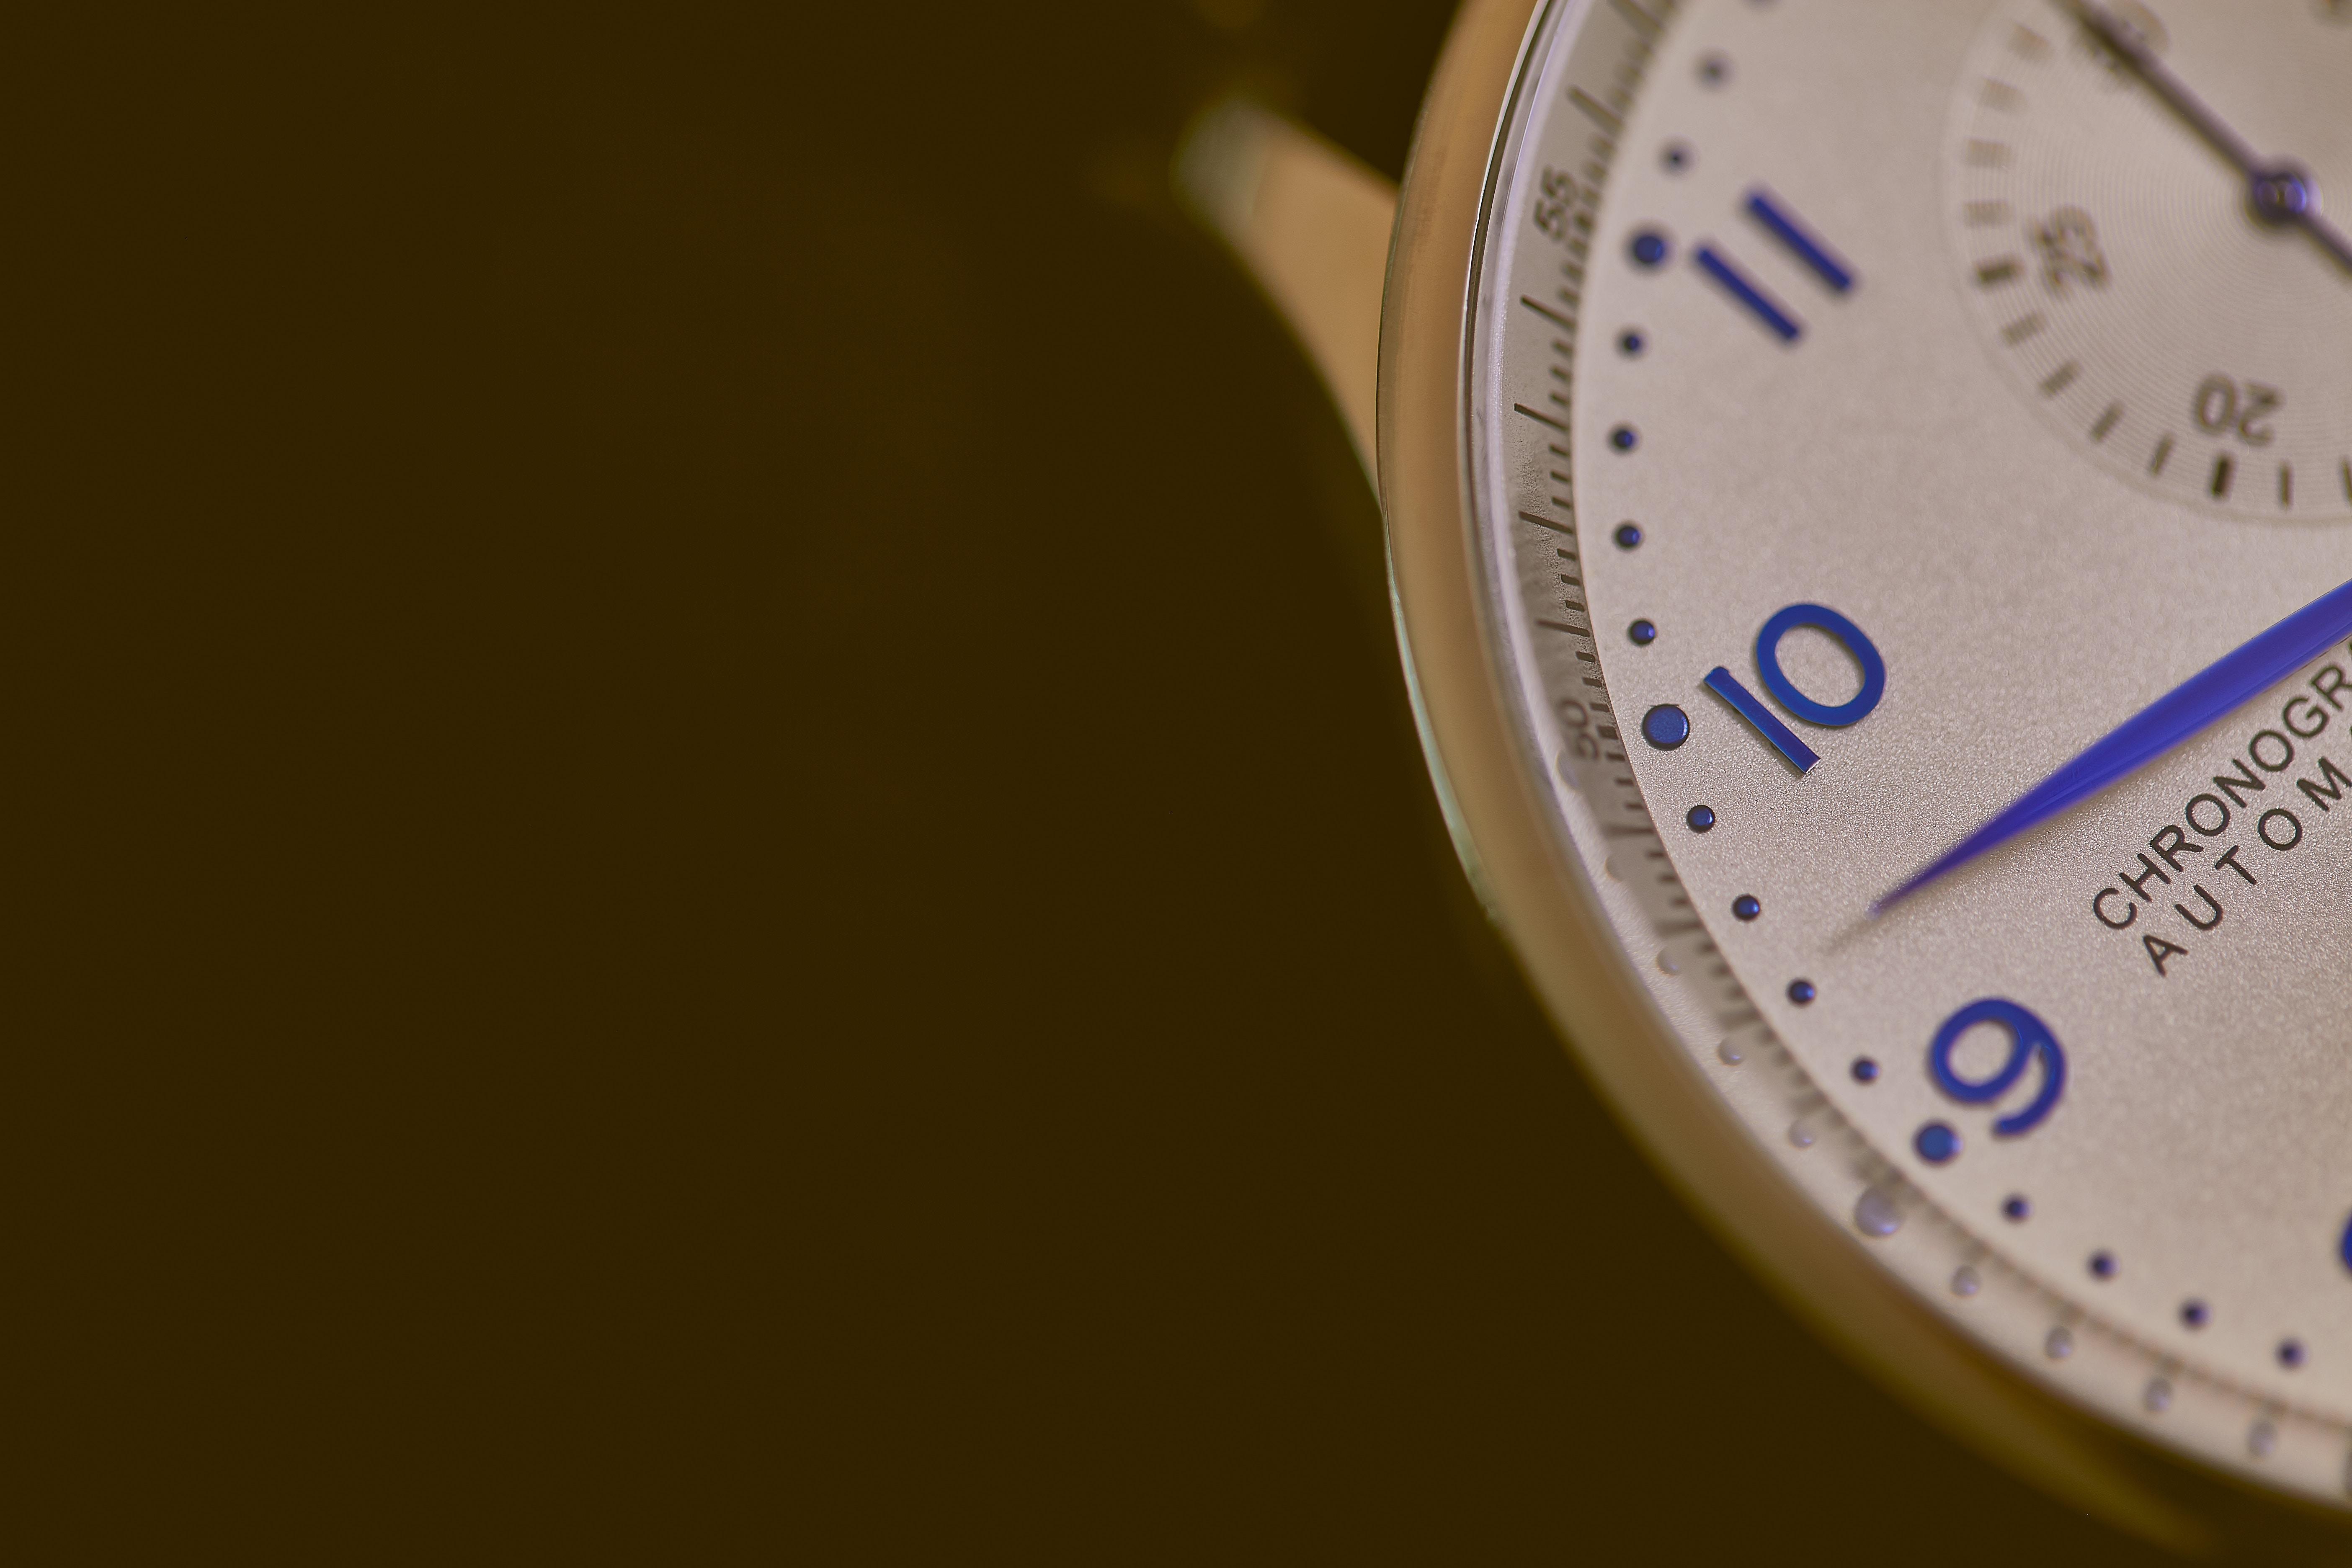 من و ۳۴،۵۲۳ ثانیه از وقت شما